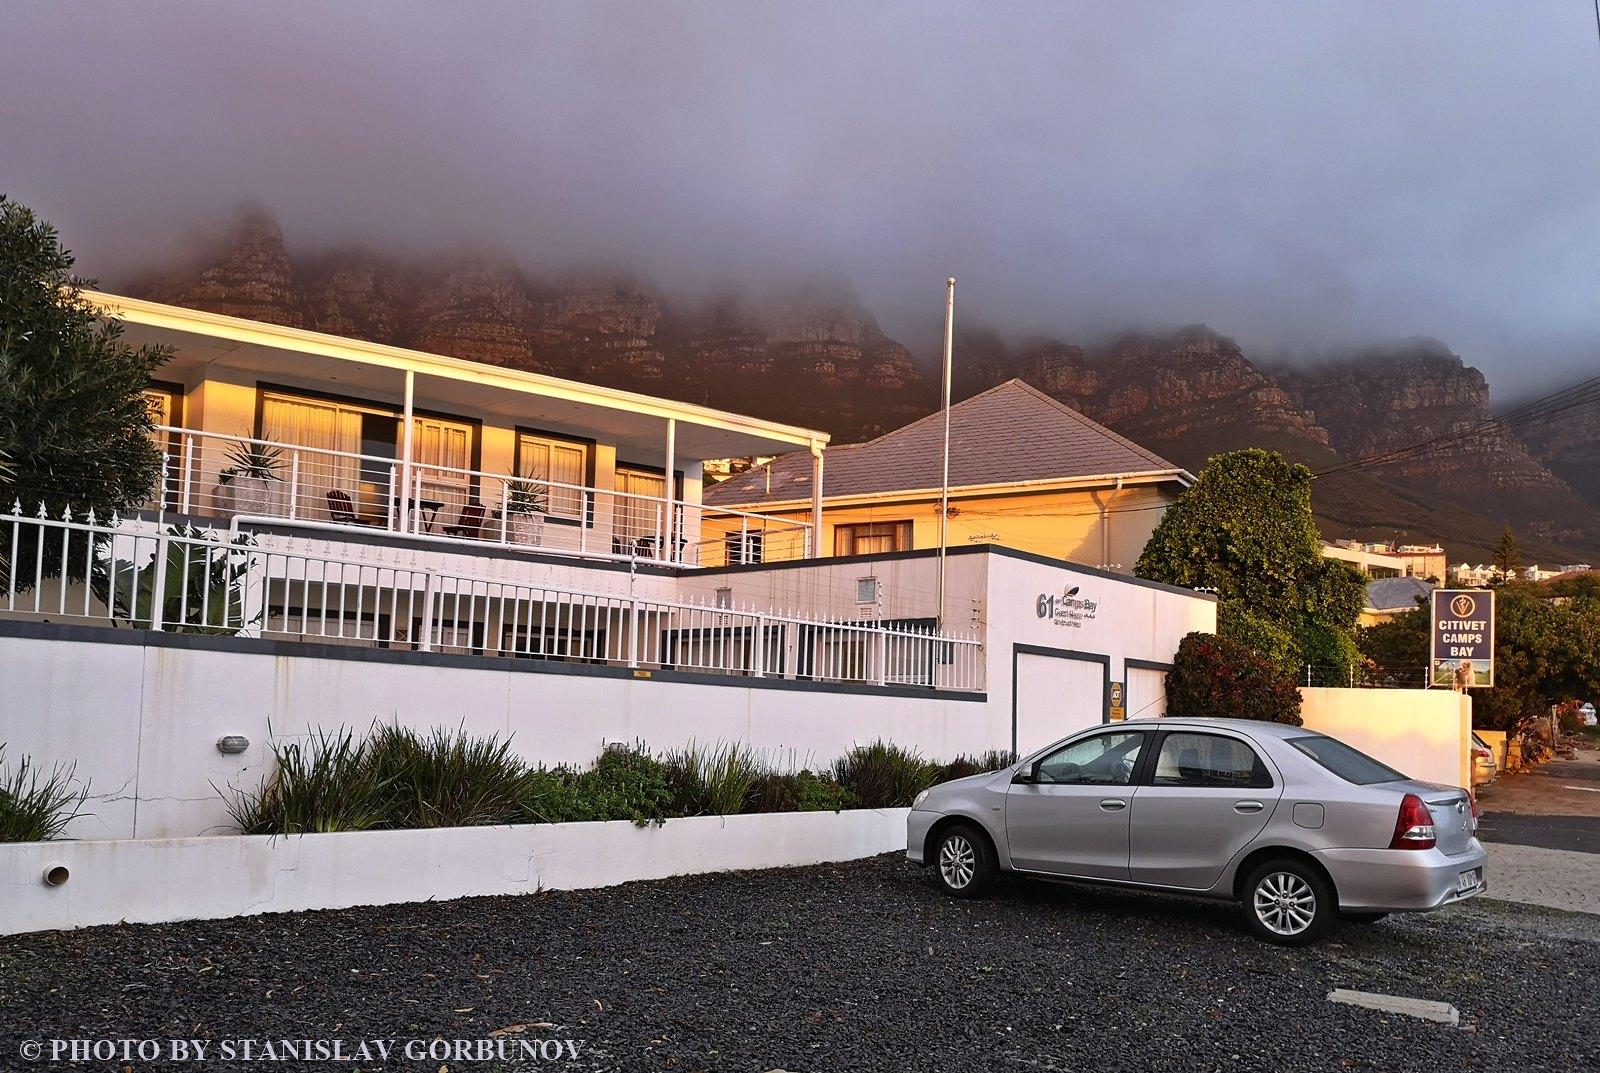 Великолепная девятка гостиниц ЮАР. Это стоит хотя бы один раз увидеть лично! oteli29